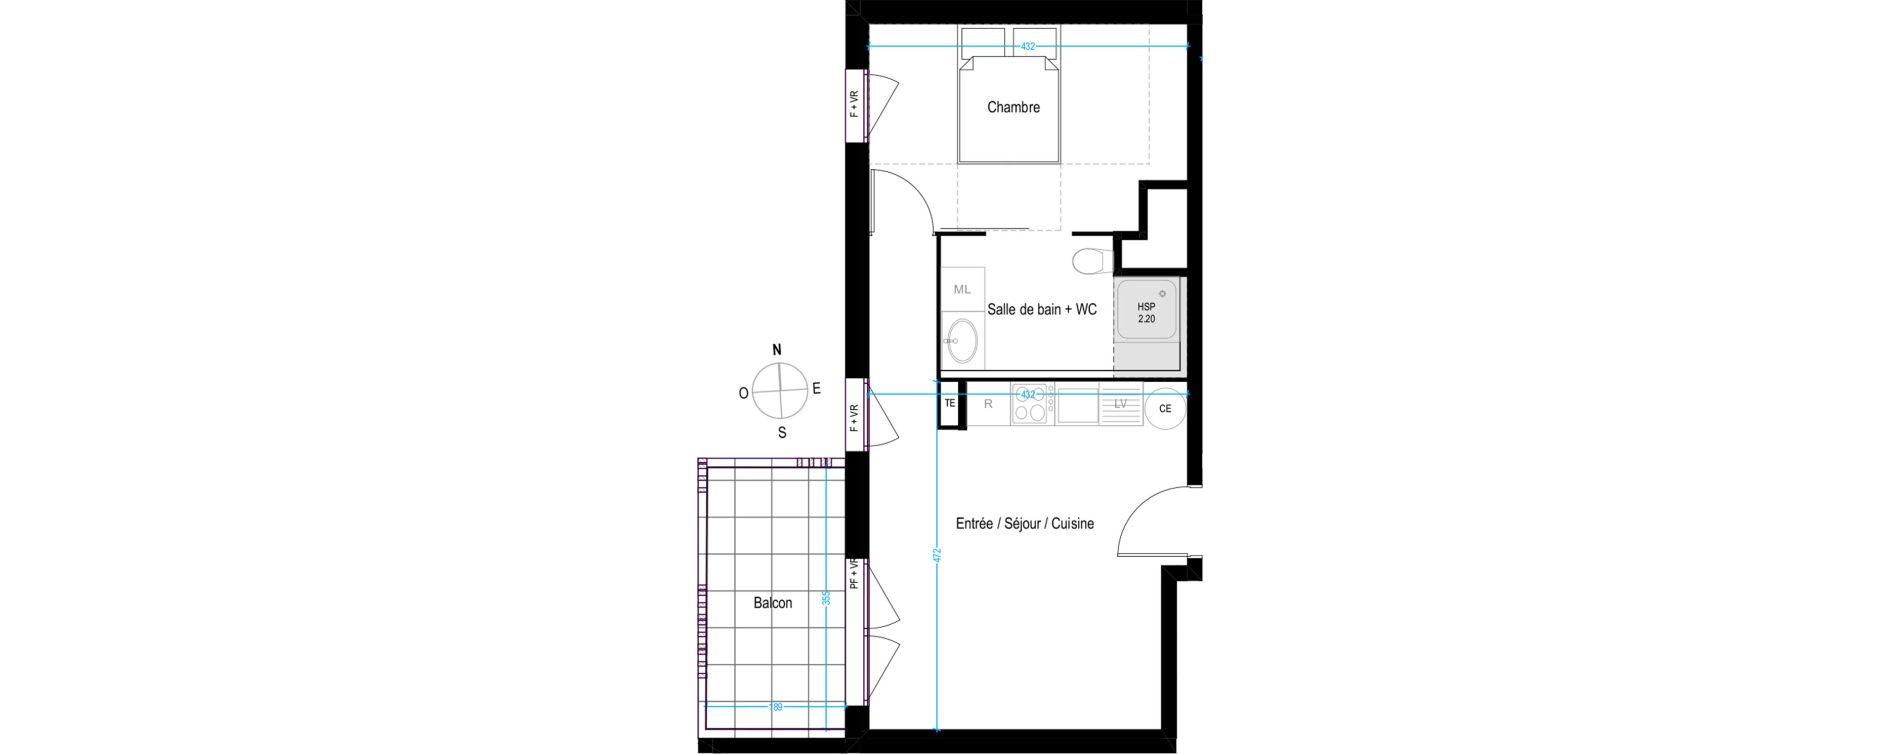 Appartement T2 de 42,35 m2 à Villeurbanne Buers - croix-luizet